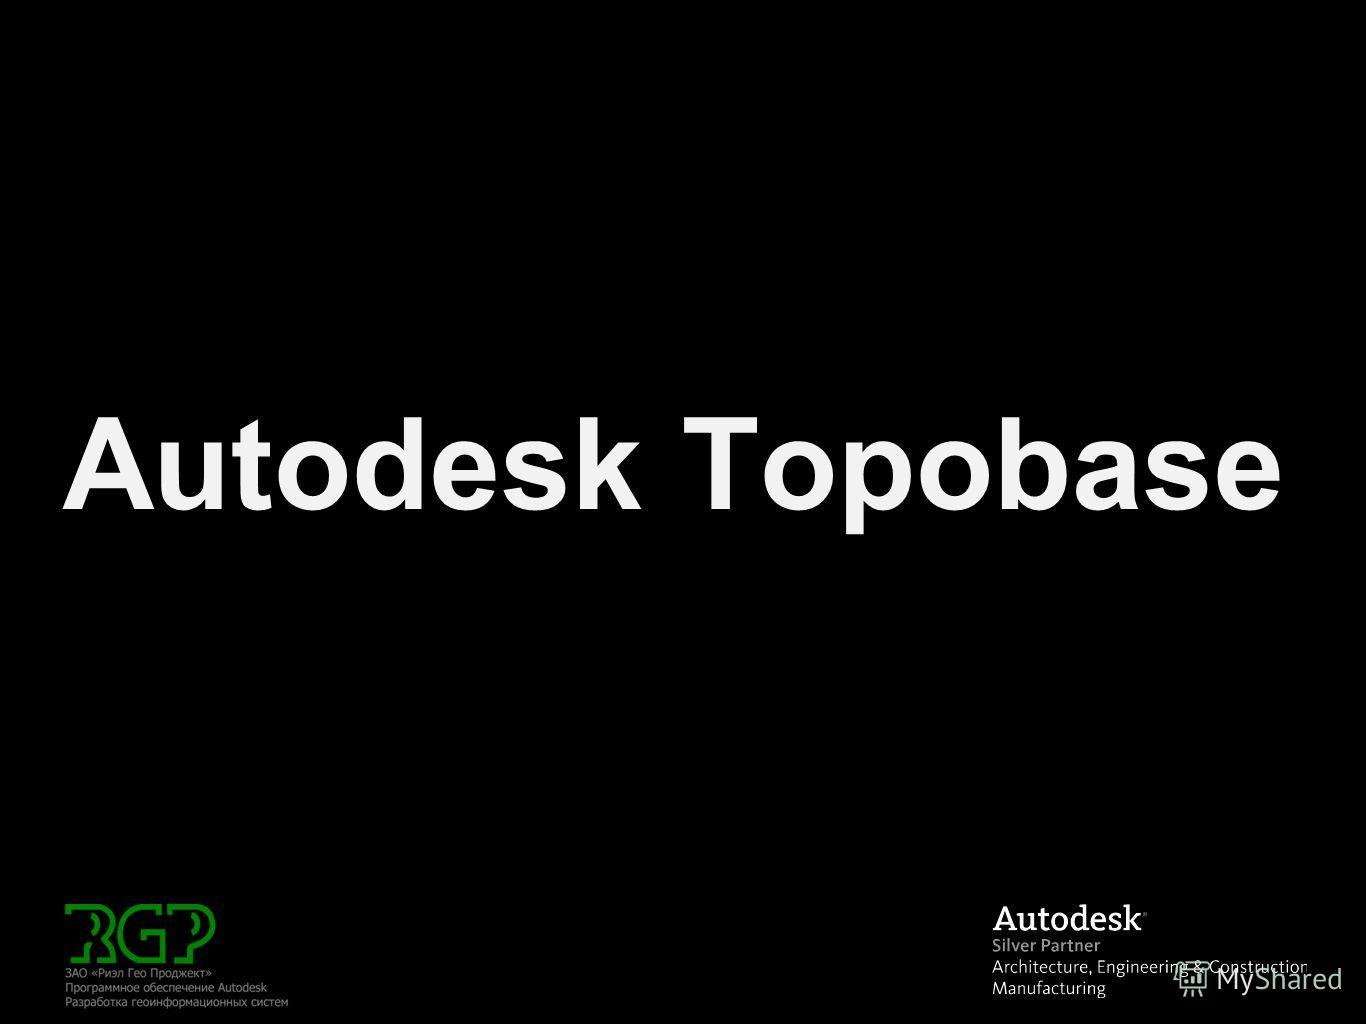 Autodesk Topobase